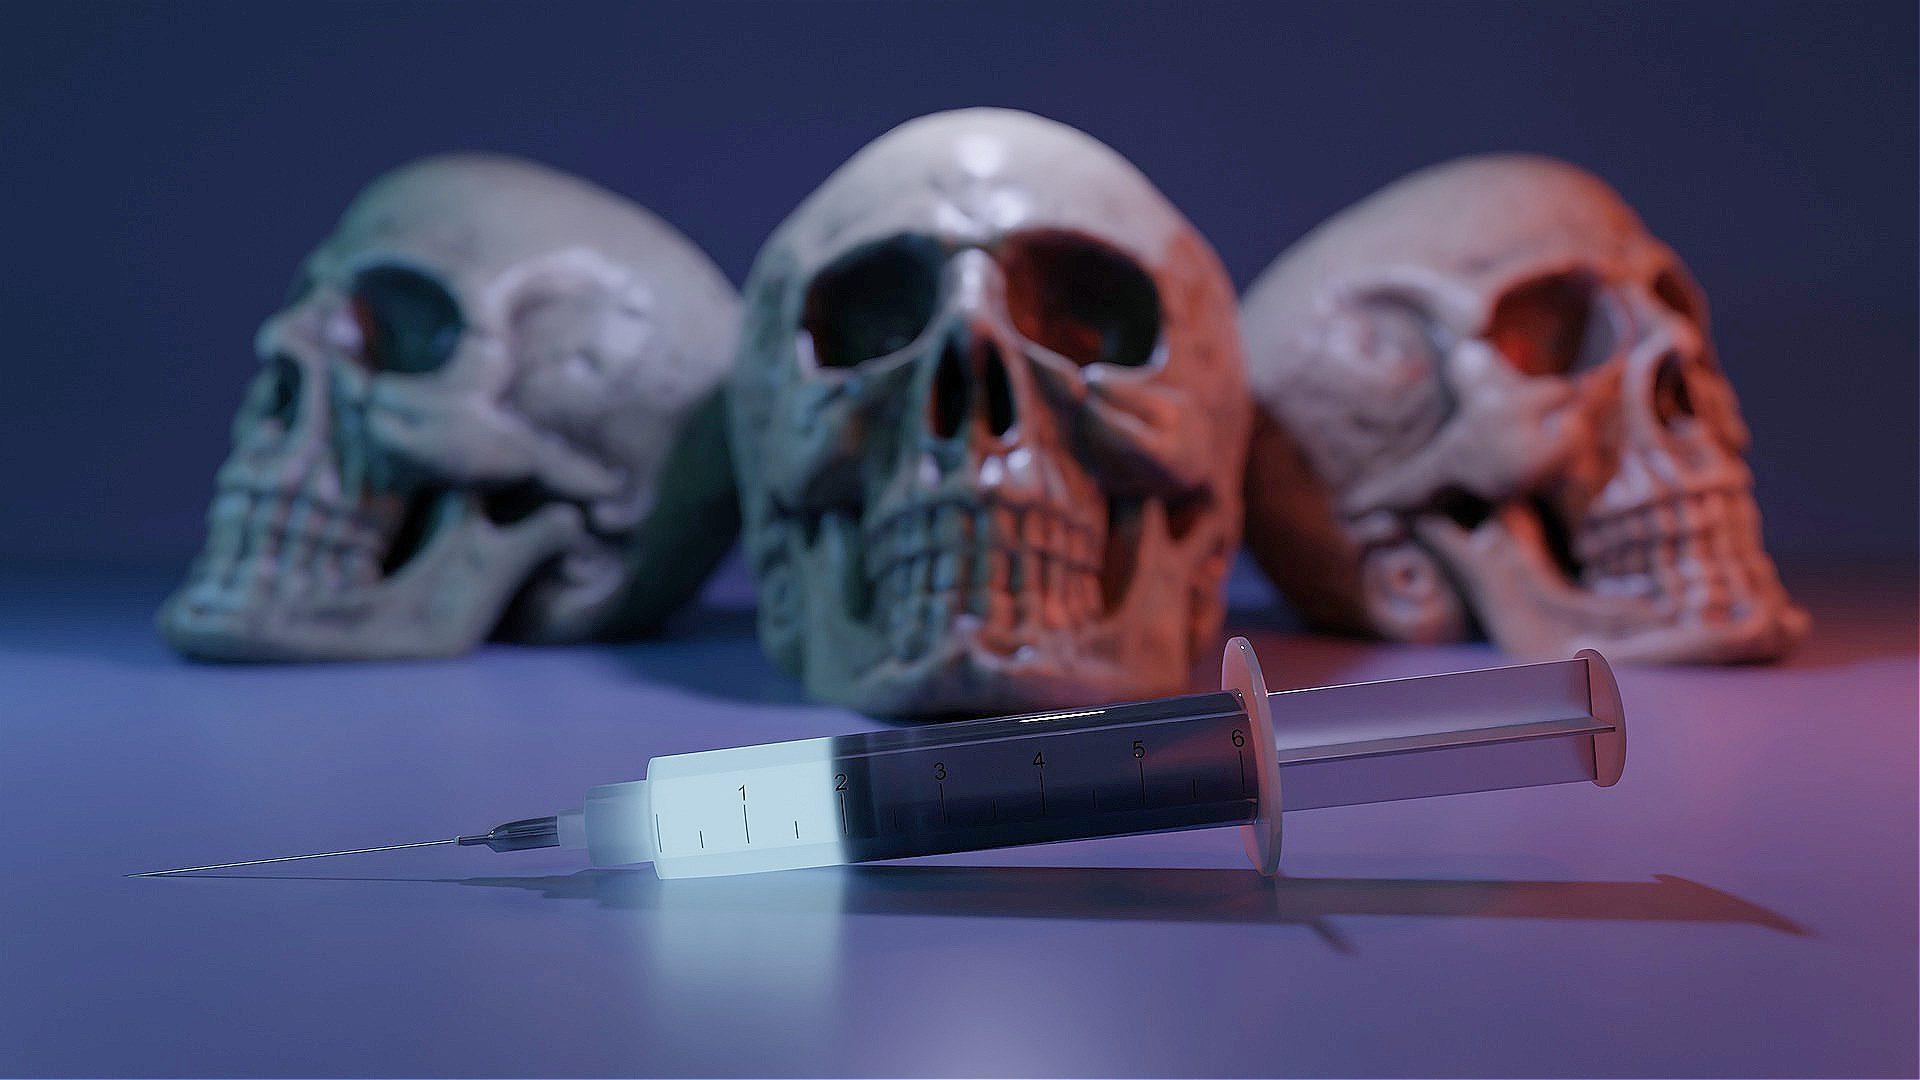 alarmierend:-sterbezahlen-der-unter-65-jaehrigen-wochenweise-bis-zu-20%-gestiegen